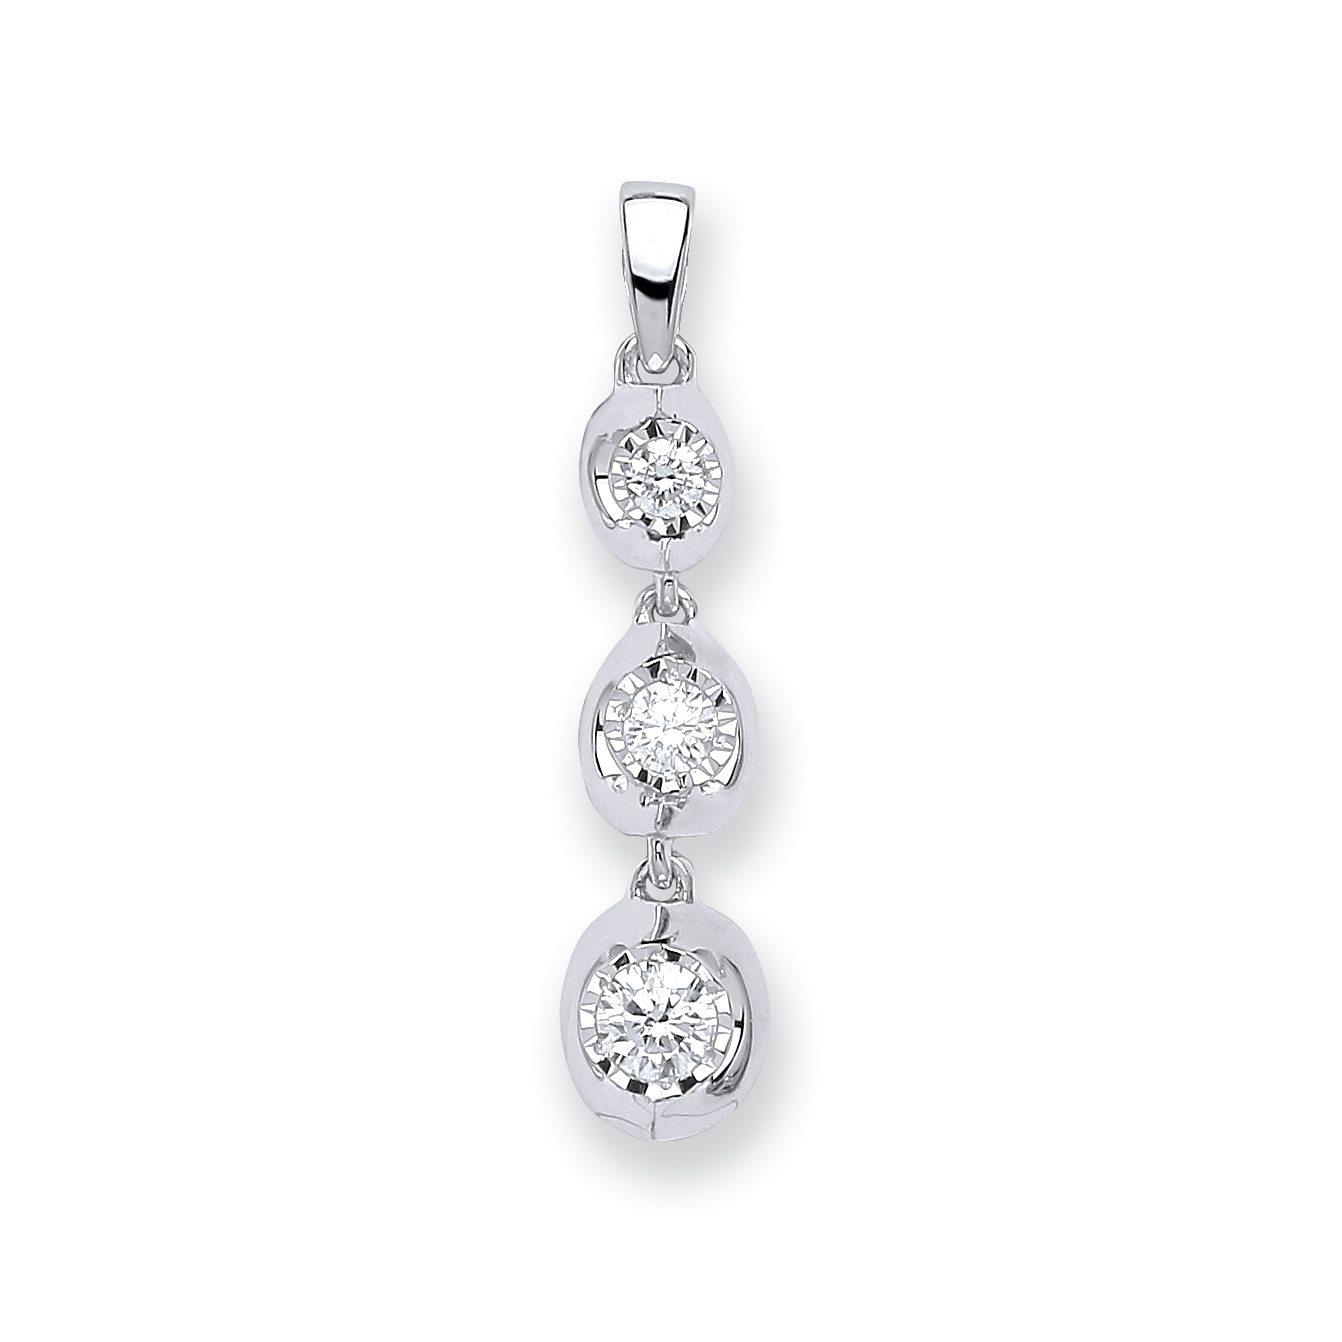 023ct diamond trilogy drop pendant aureum jewellery 023ct diamond trilogy drop pendant aloadofball Choice Image